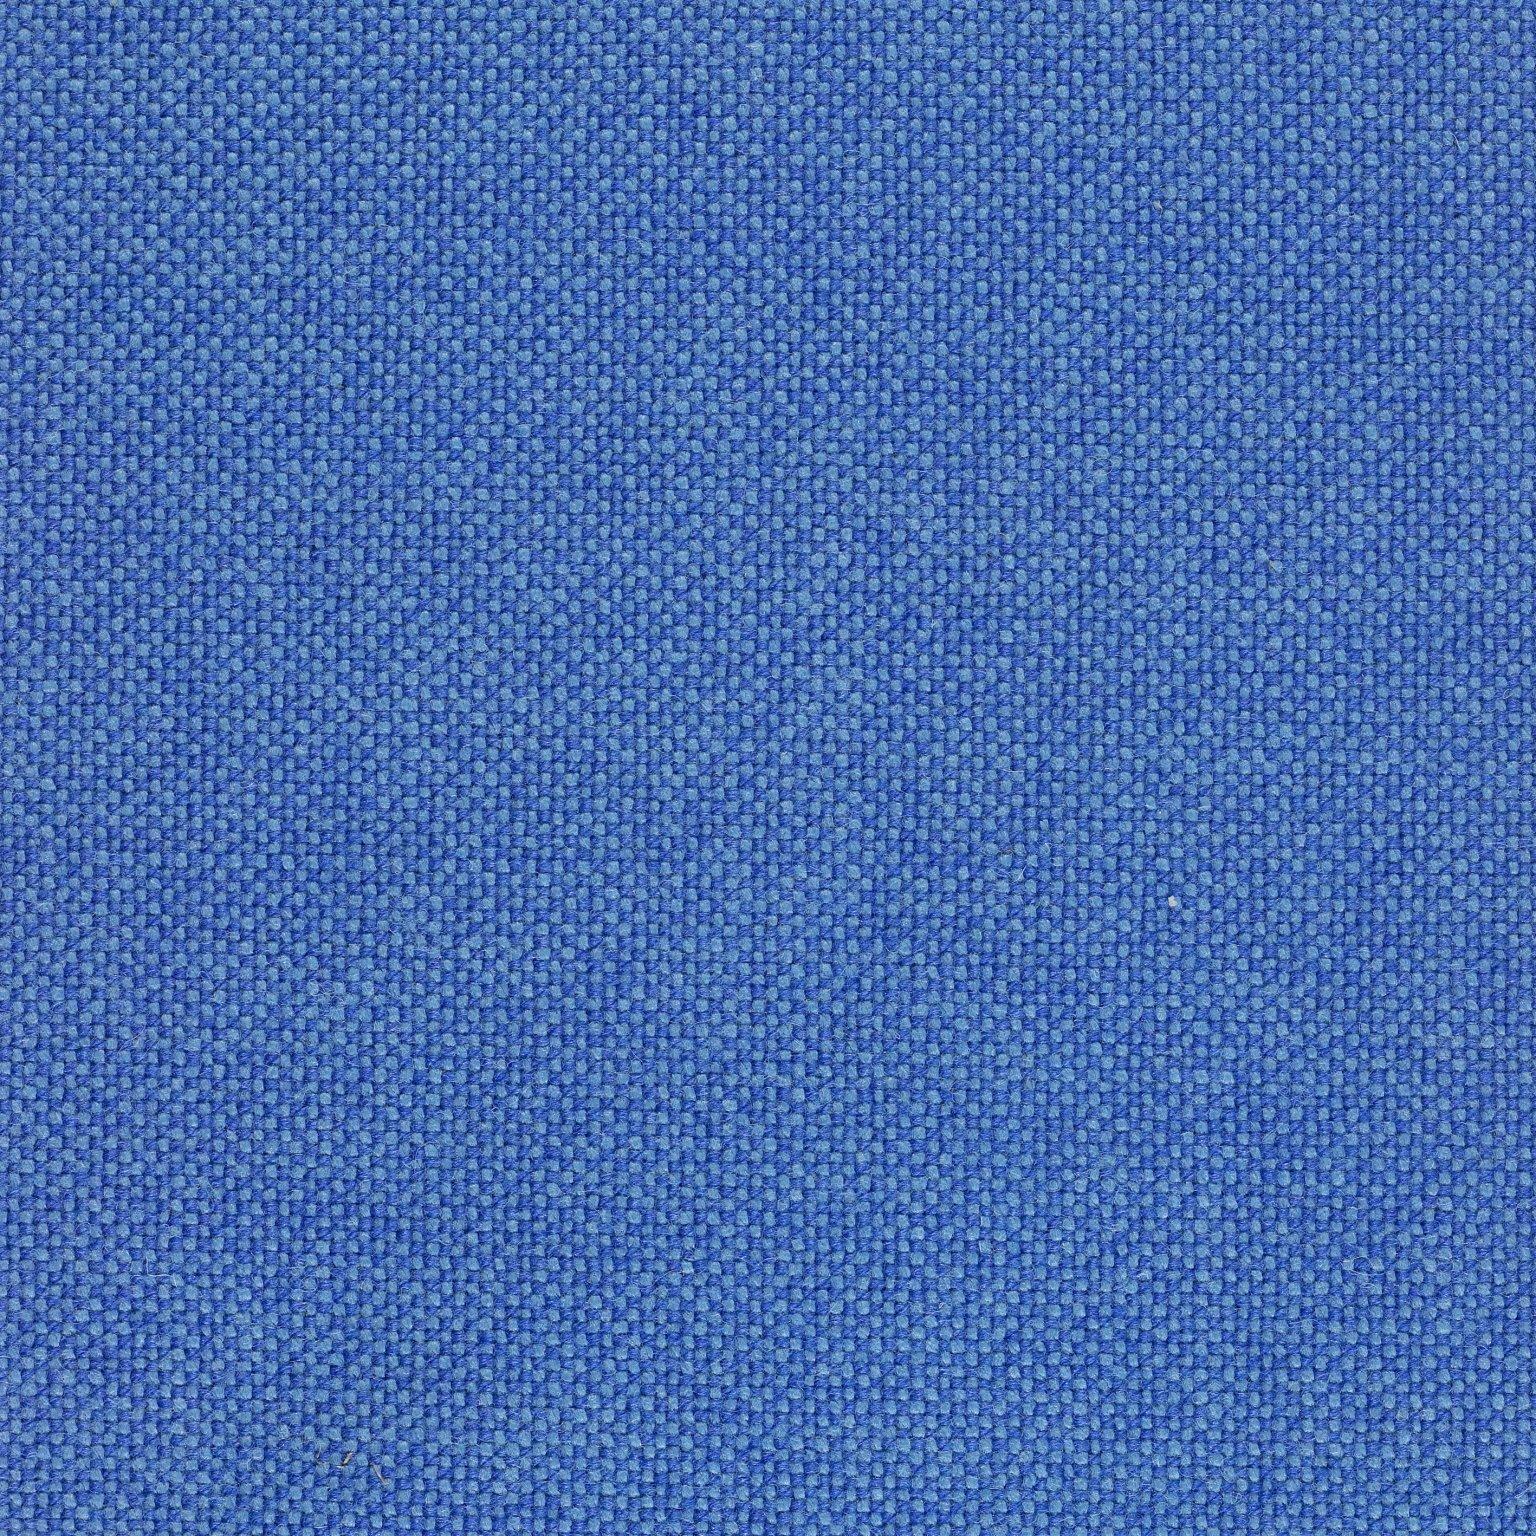 blå malange hallingdal 65 -0